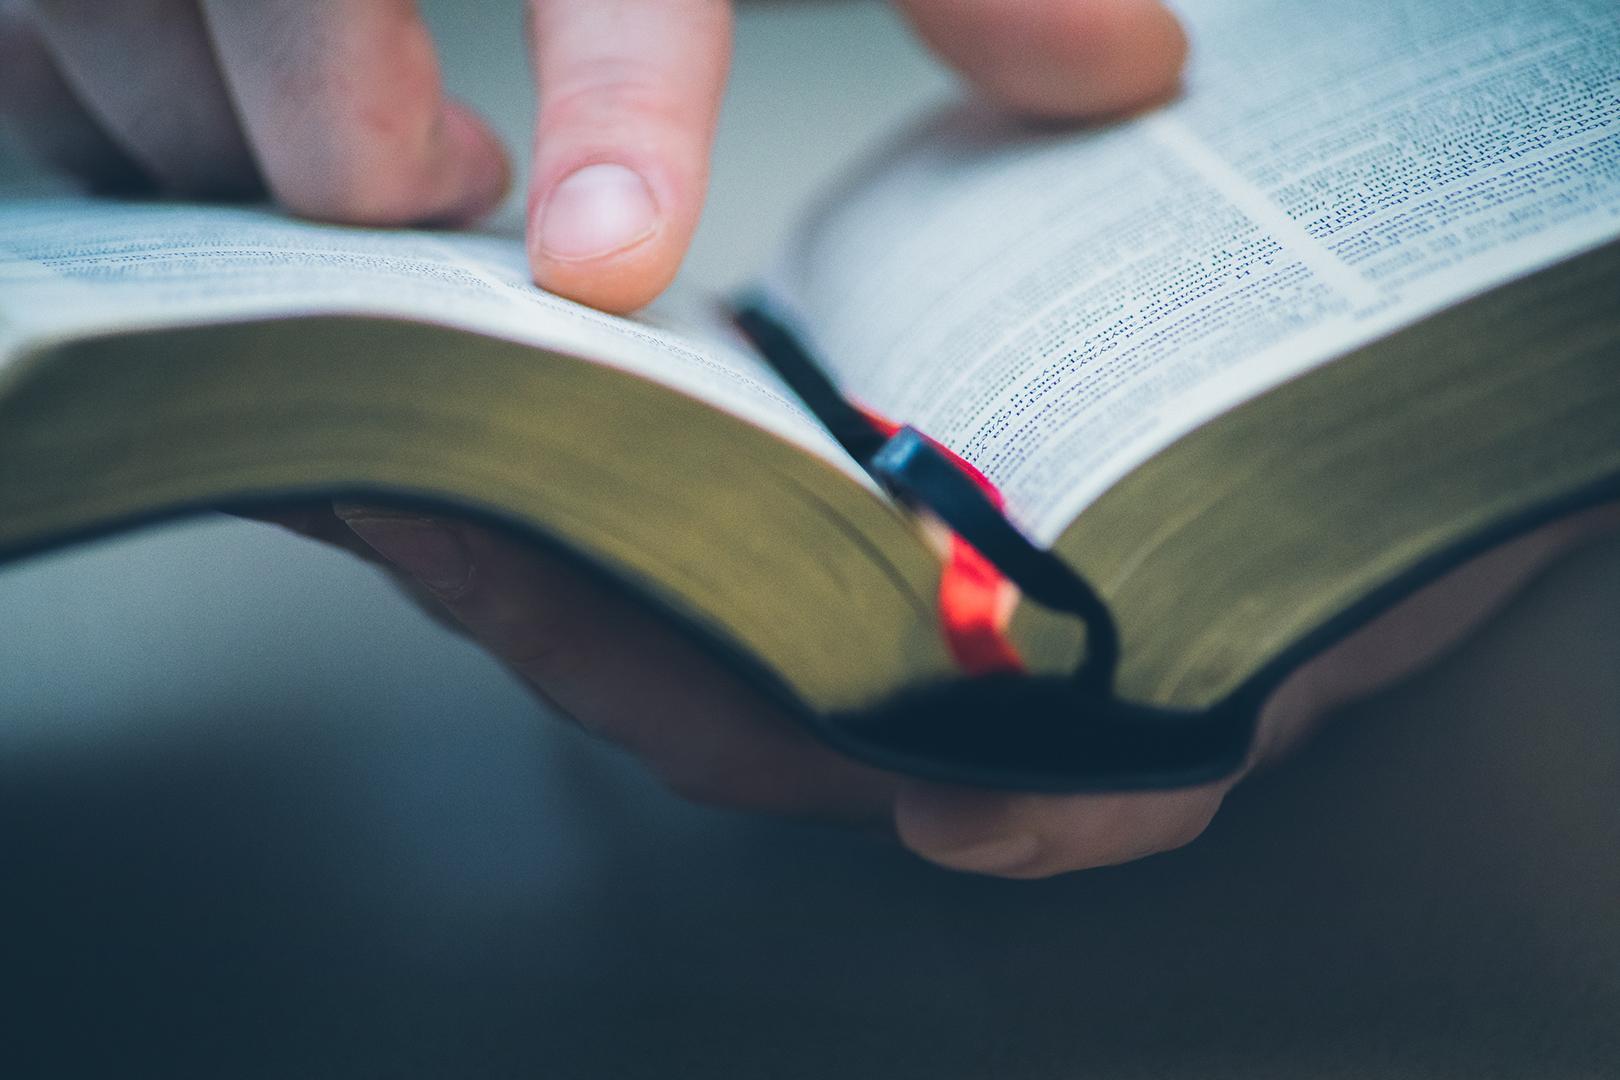 Cómo un pastor hace crecer su ministerio (Parte 1)3 min read